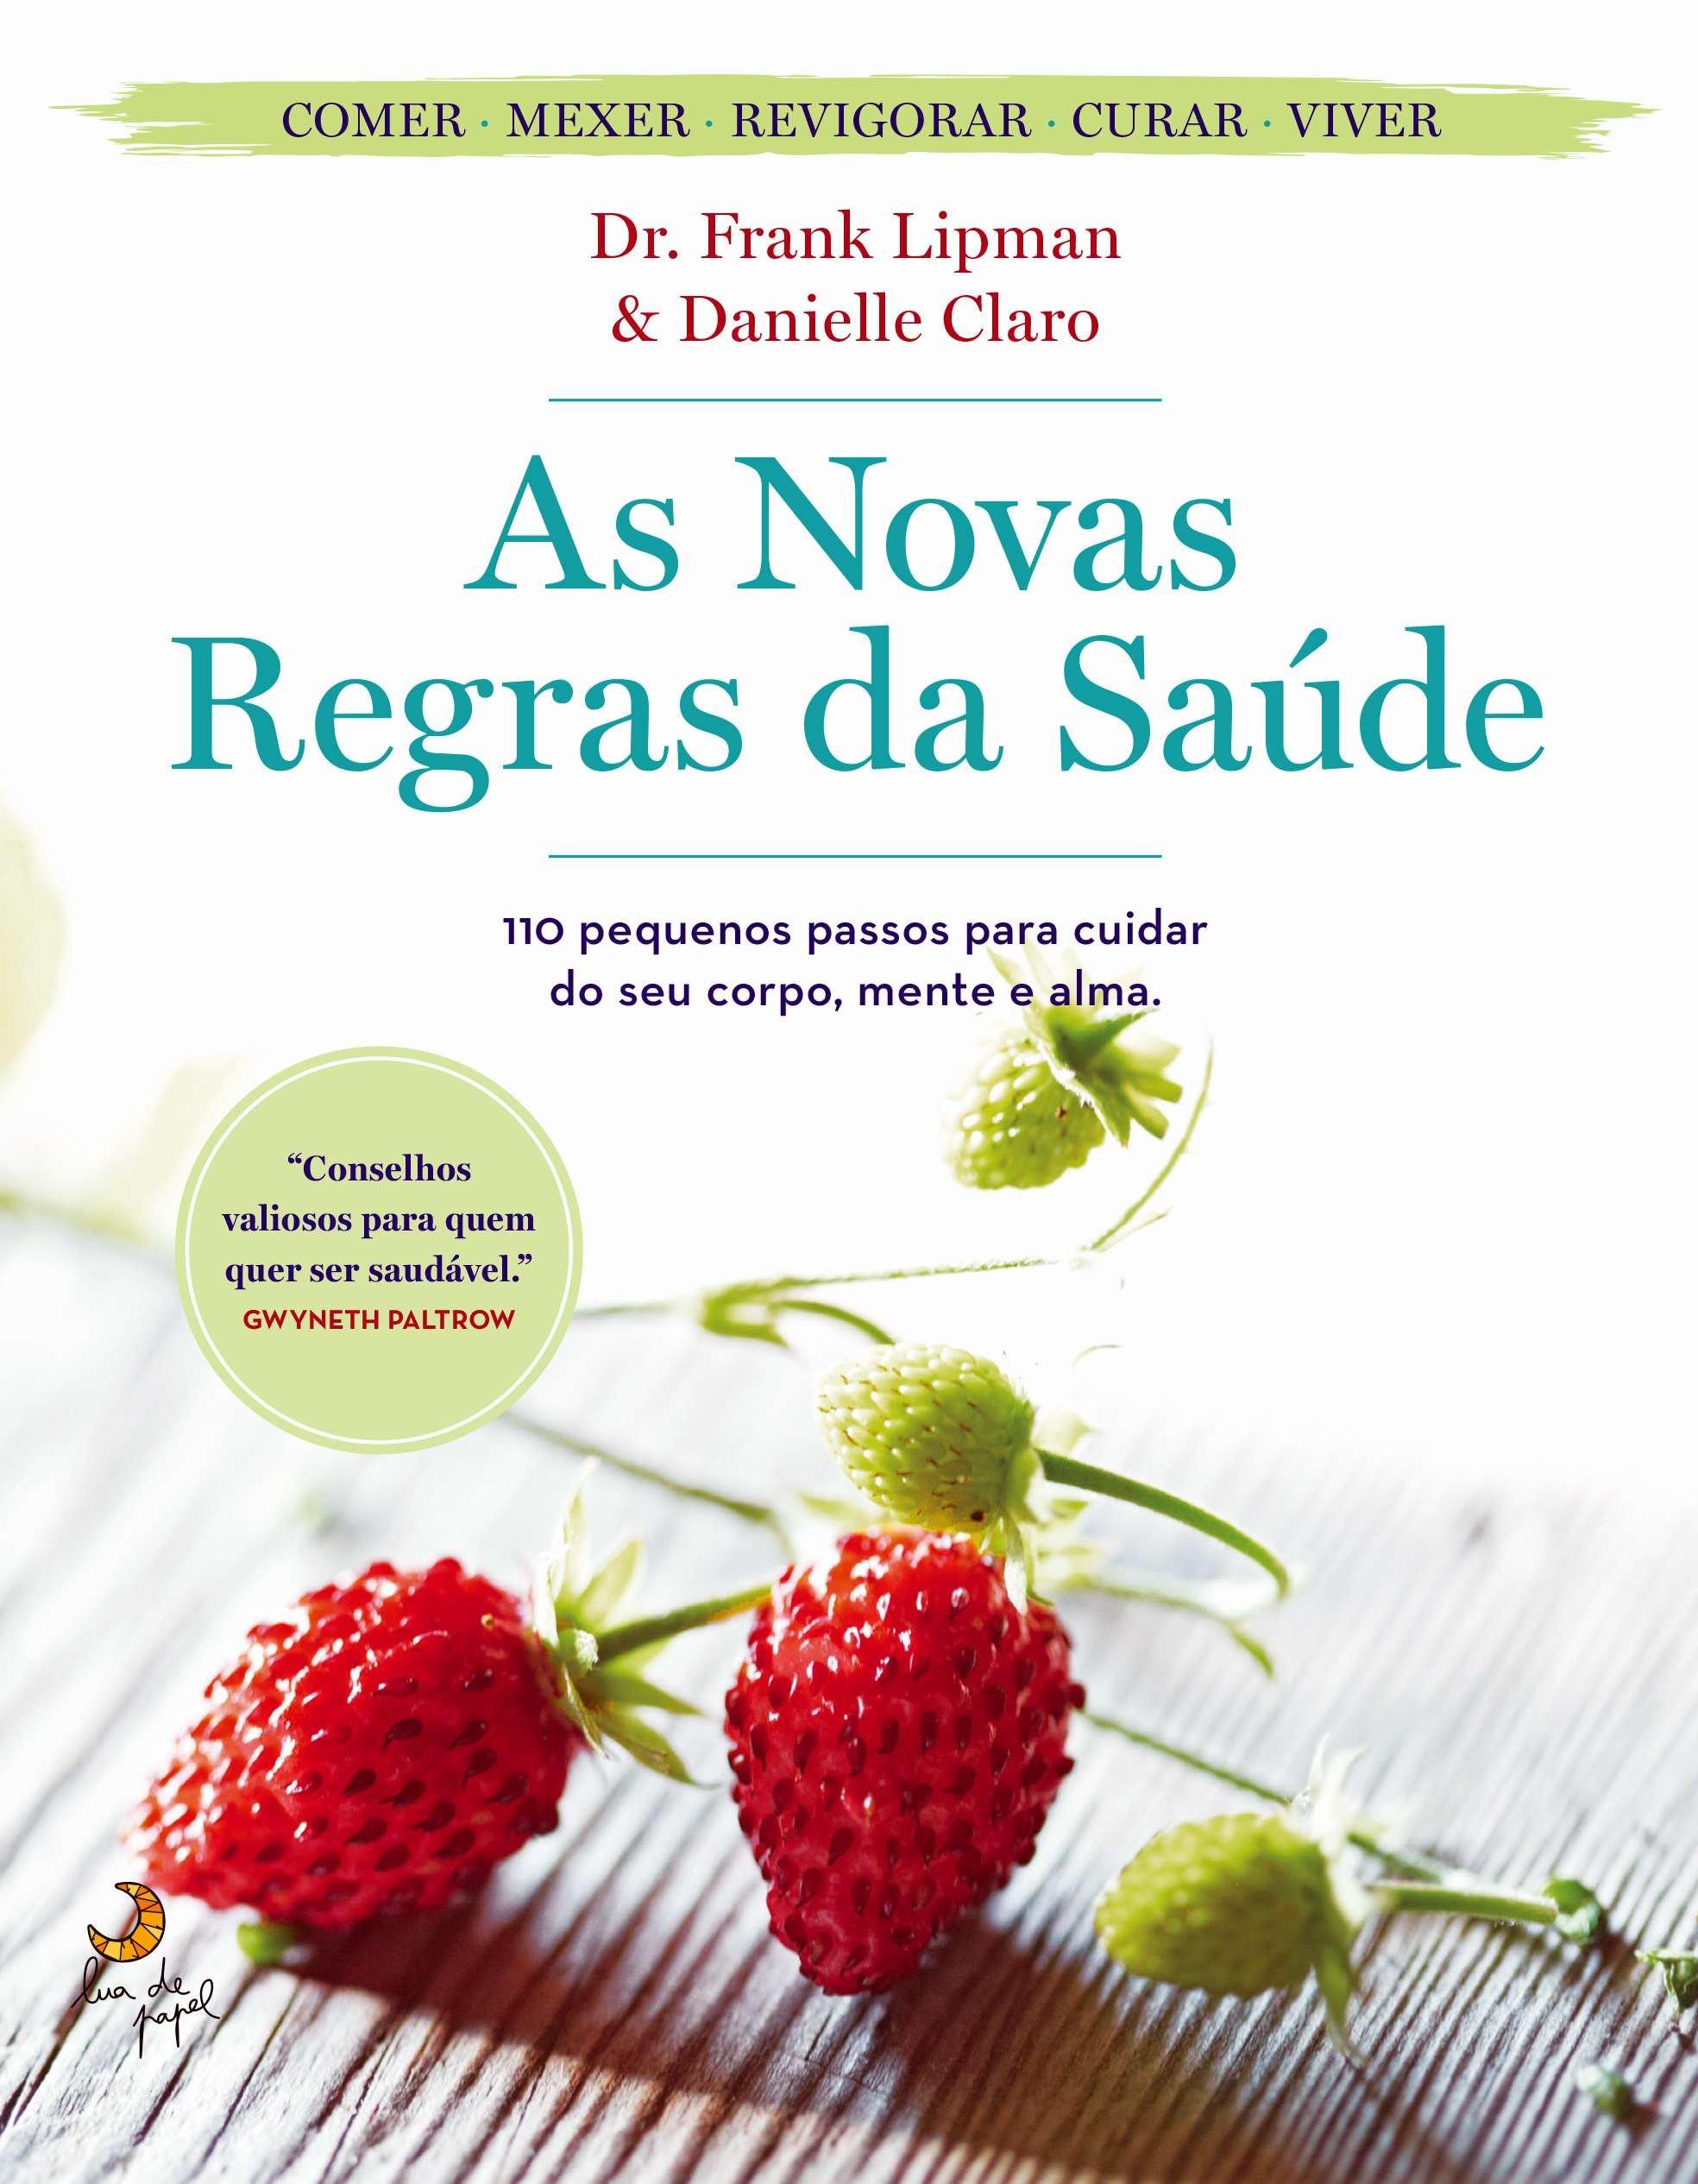 As Novas Regras da Saúde (Portuguese Edition): Frank Lipman e Danielle Claro: 9789892337289: Amazon.com: Books